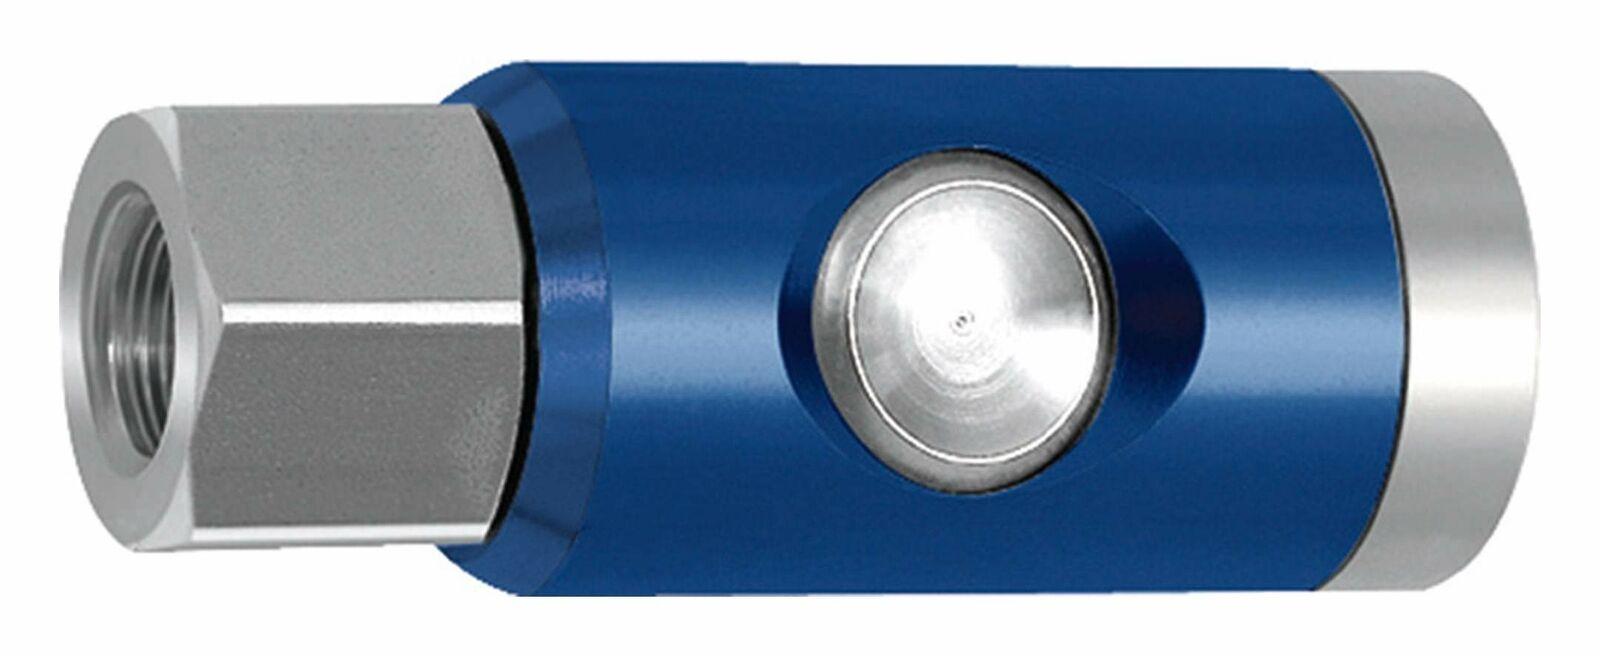 Druckluft Sicherheitskupplung Pneumatik Entlüftungskupplung mit Druckknopf